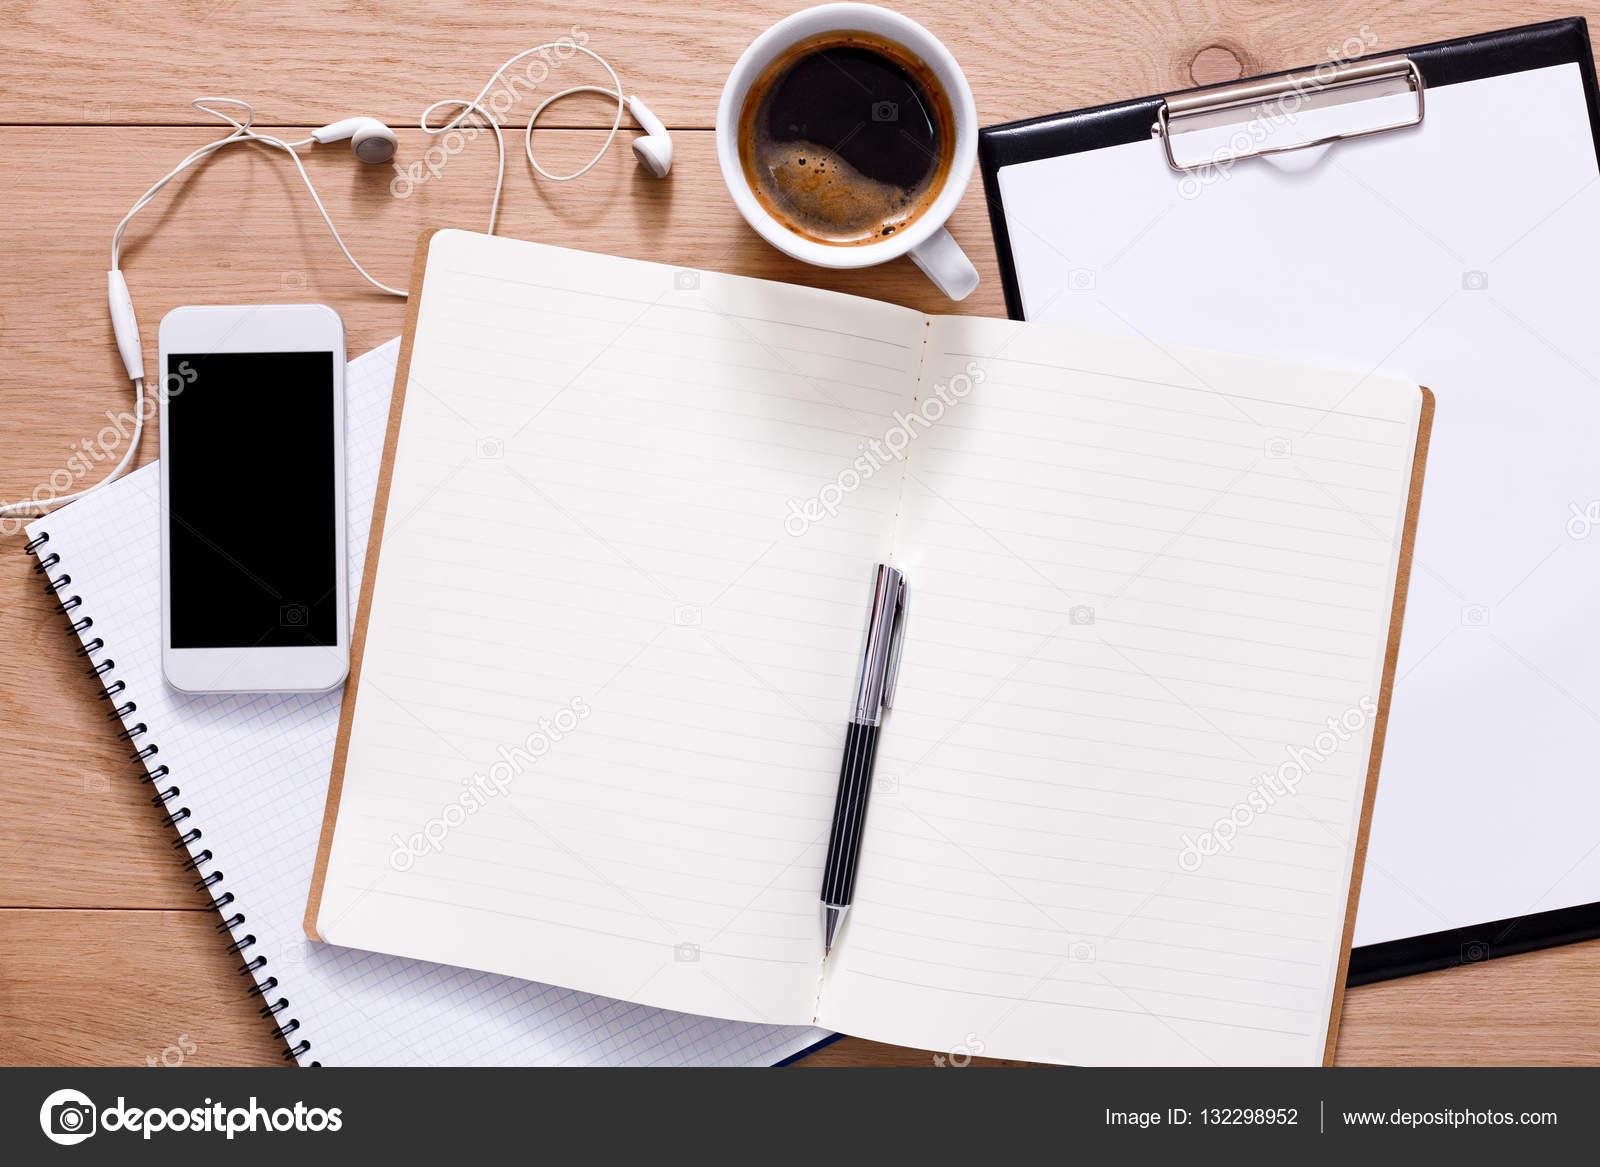 Suministros de oficina y tel fono m vil en el fondo de - Escritorio mesa de trabajo ...